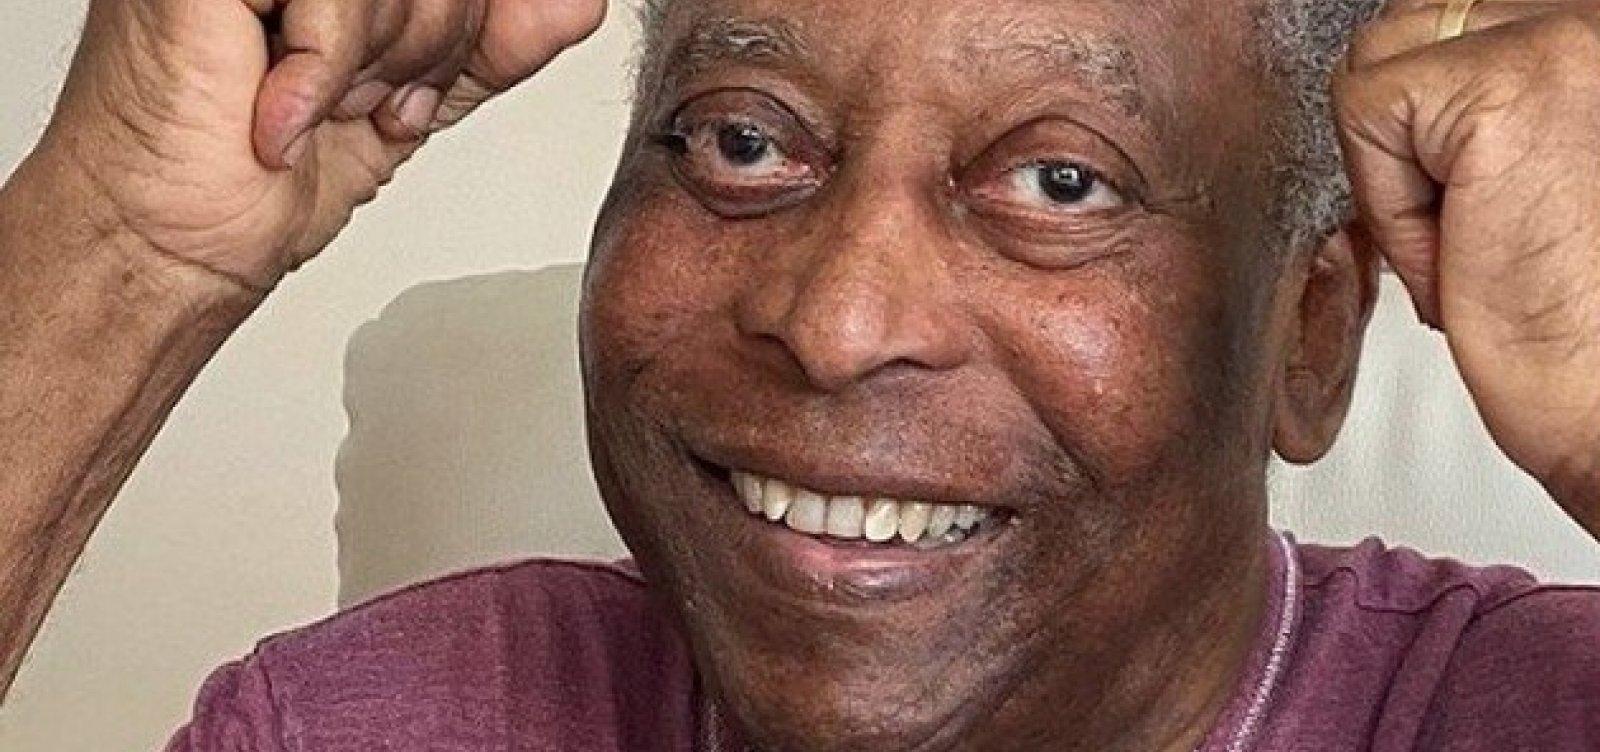 Recuperado após constantes internações, Rei Pelé completa 81 anos neste sábado